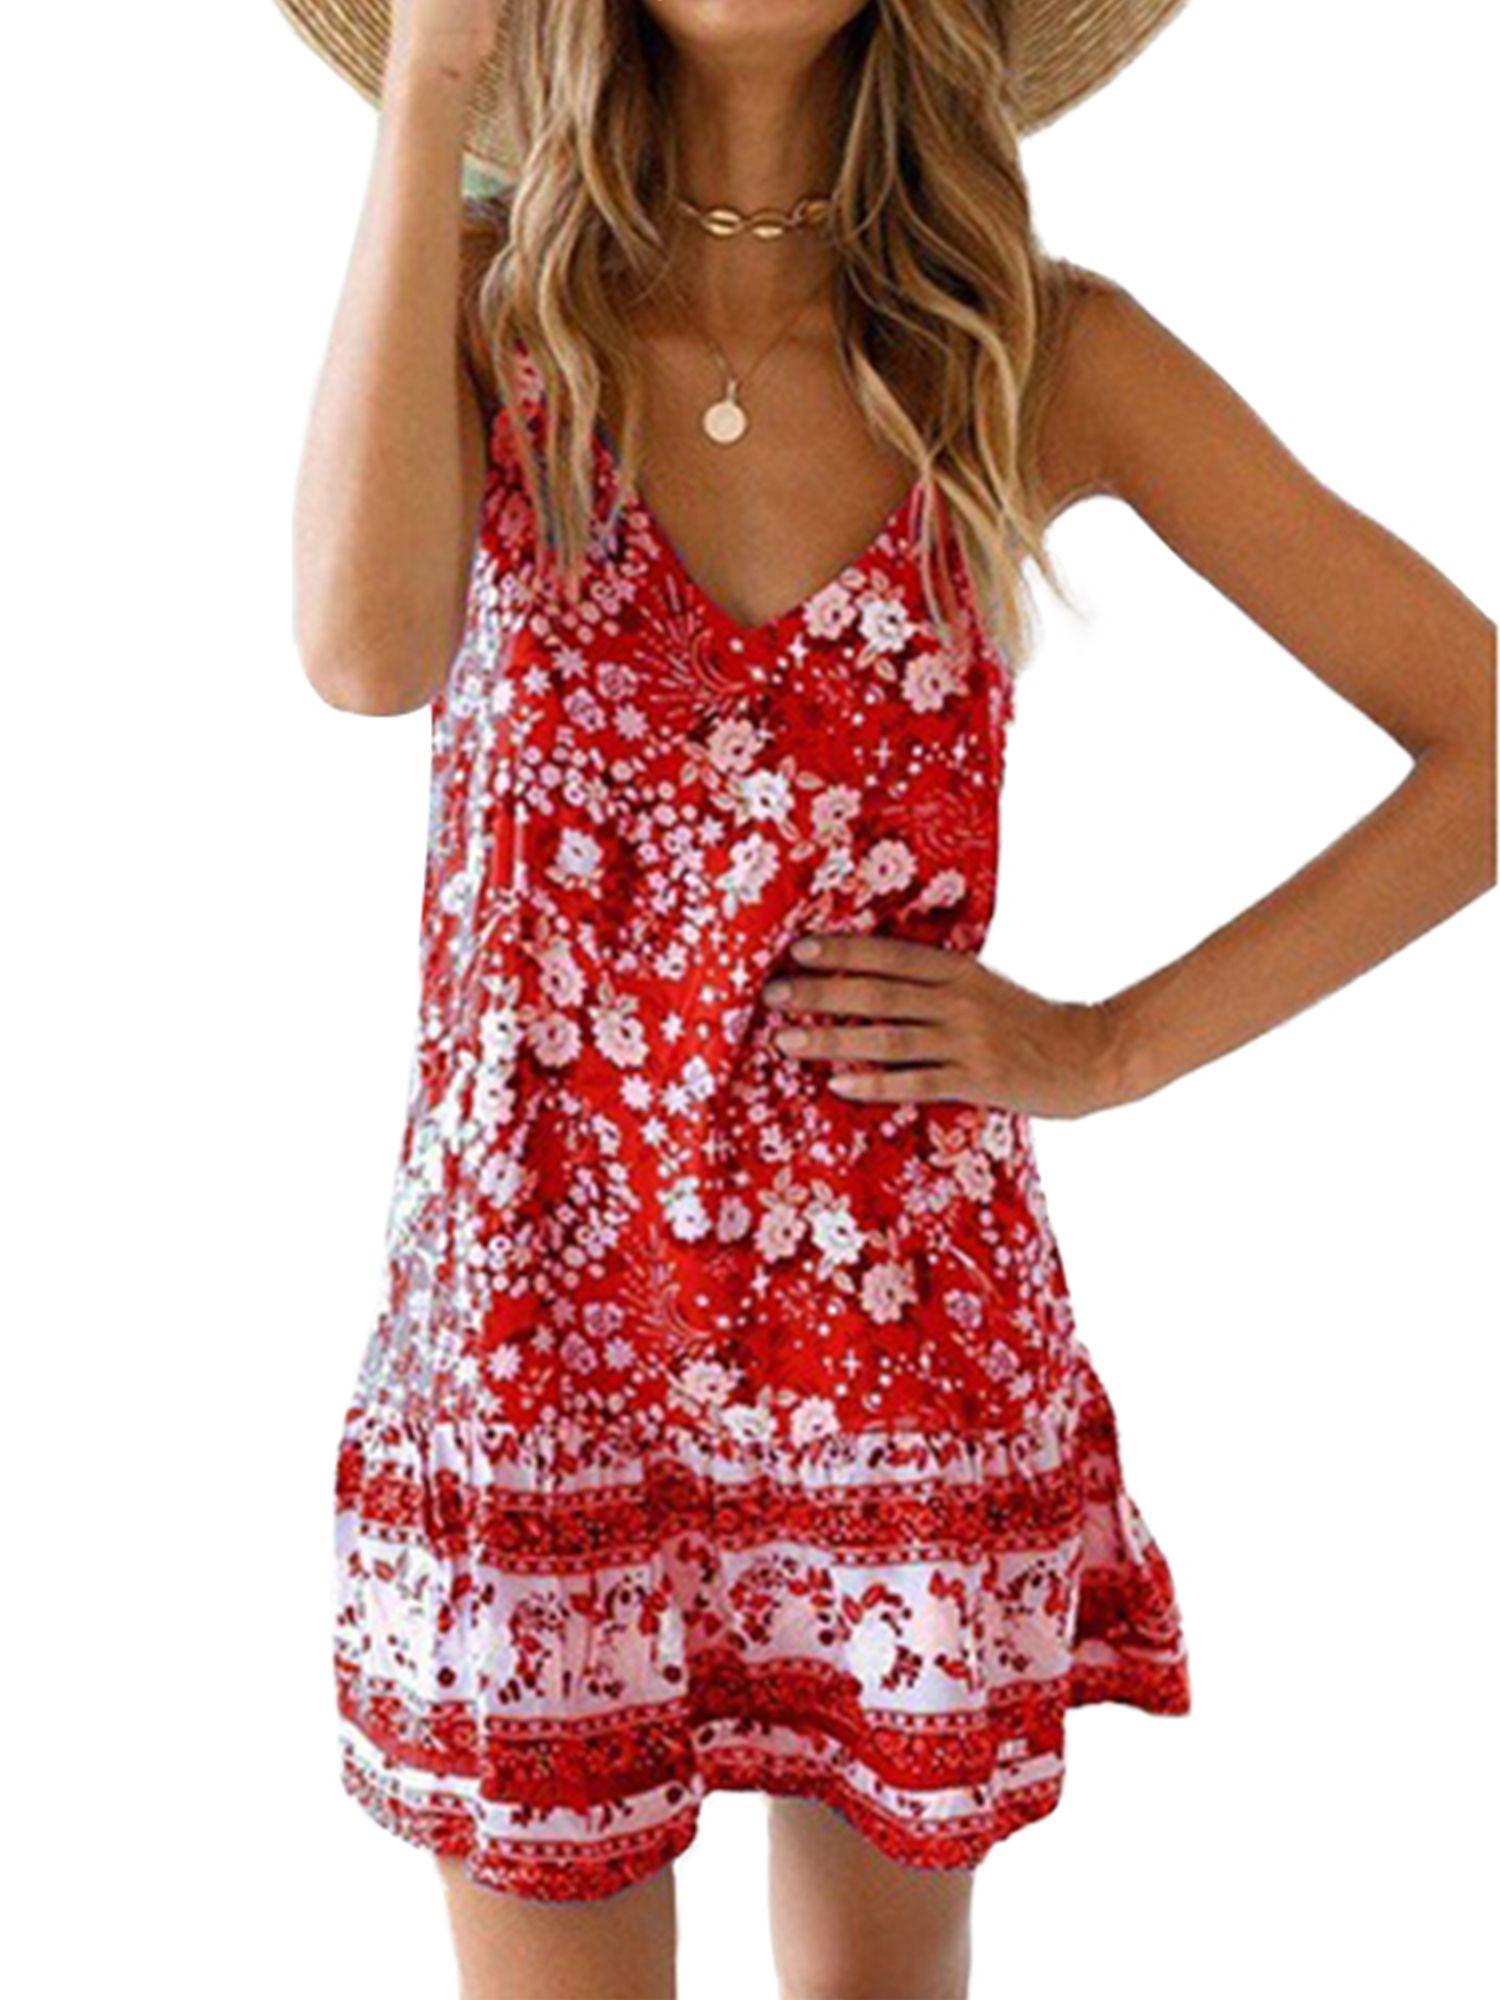 Lallc Women S Boho Floral Sleeveless V Neck Sundress Beach Loose Summer Mini Dresses In 2021 Mini Dresses Summer Boho Womens Clothing Sleeveless Skater Dress [ 2000 x 1500 Pixel ]